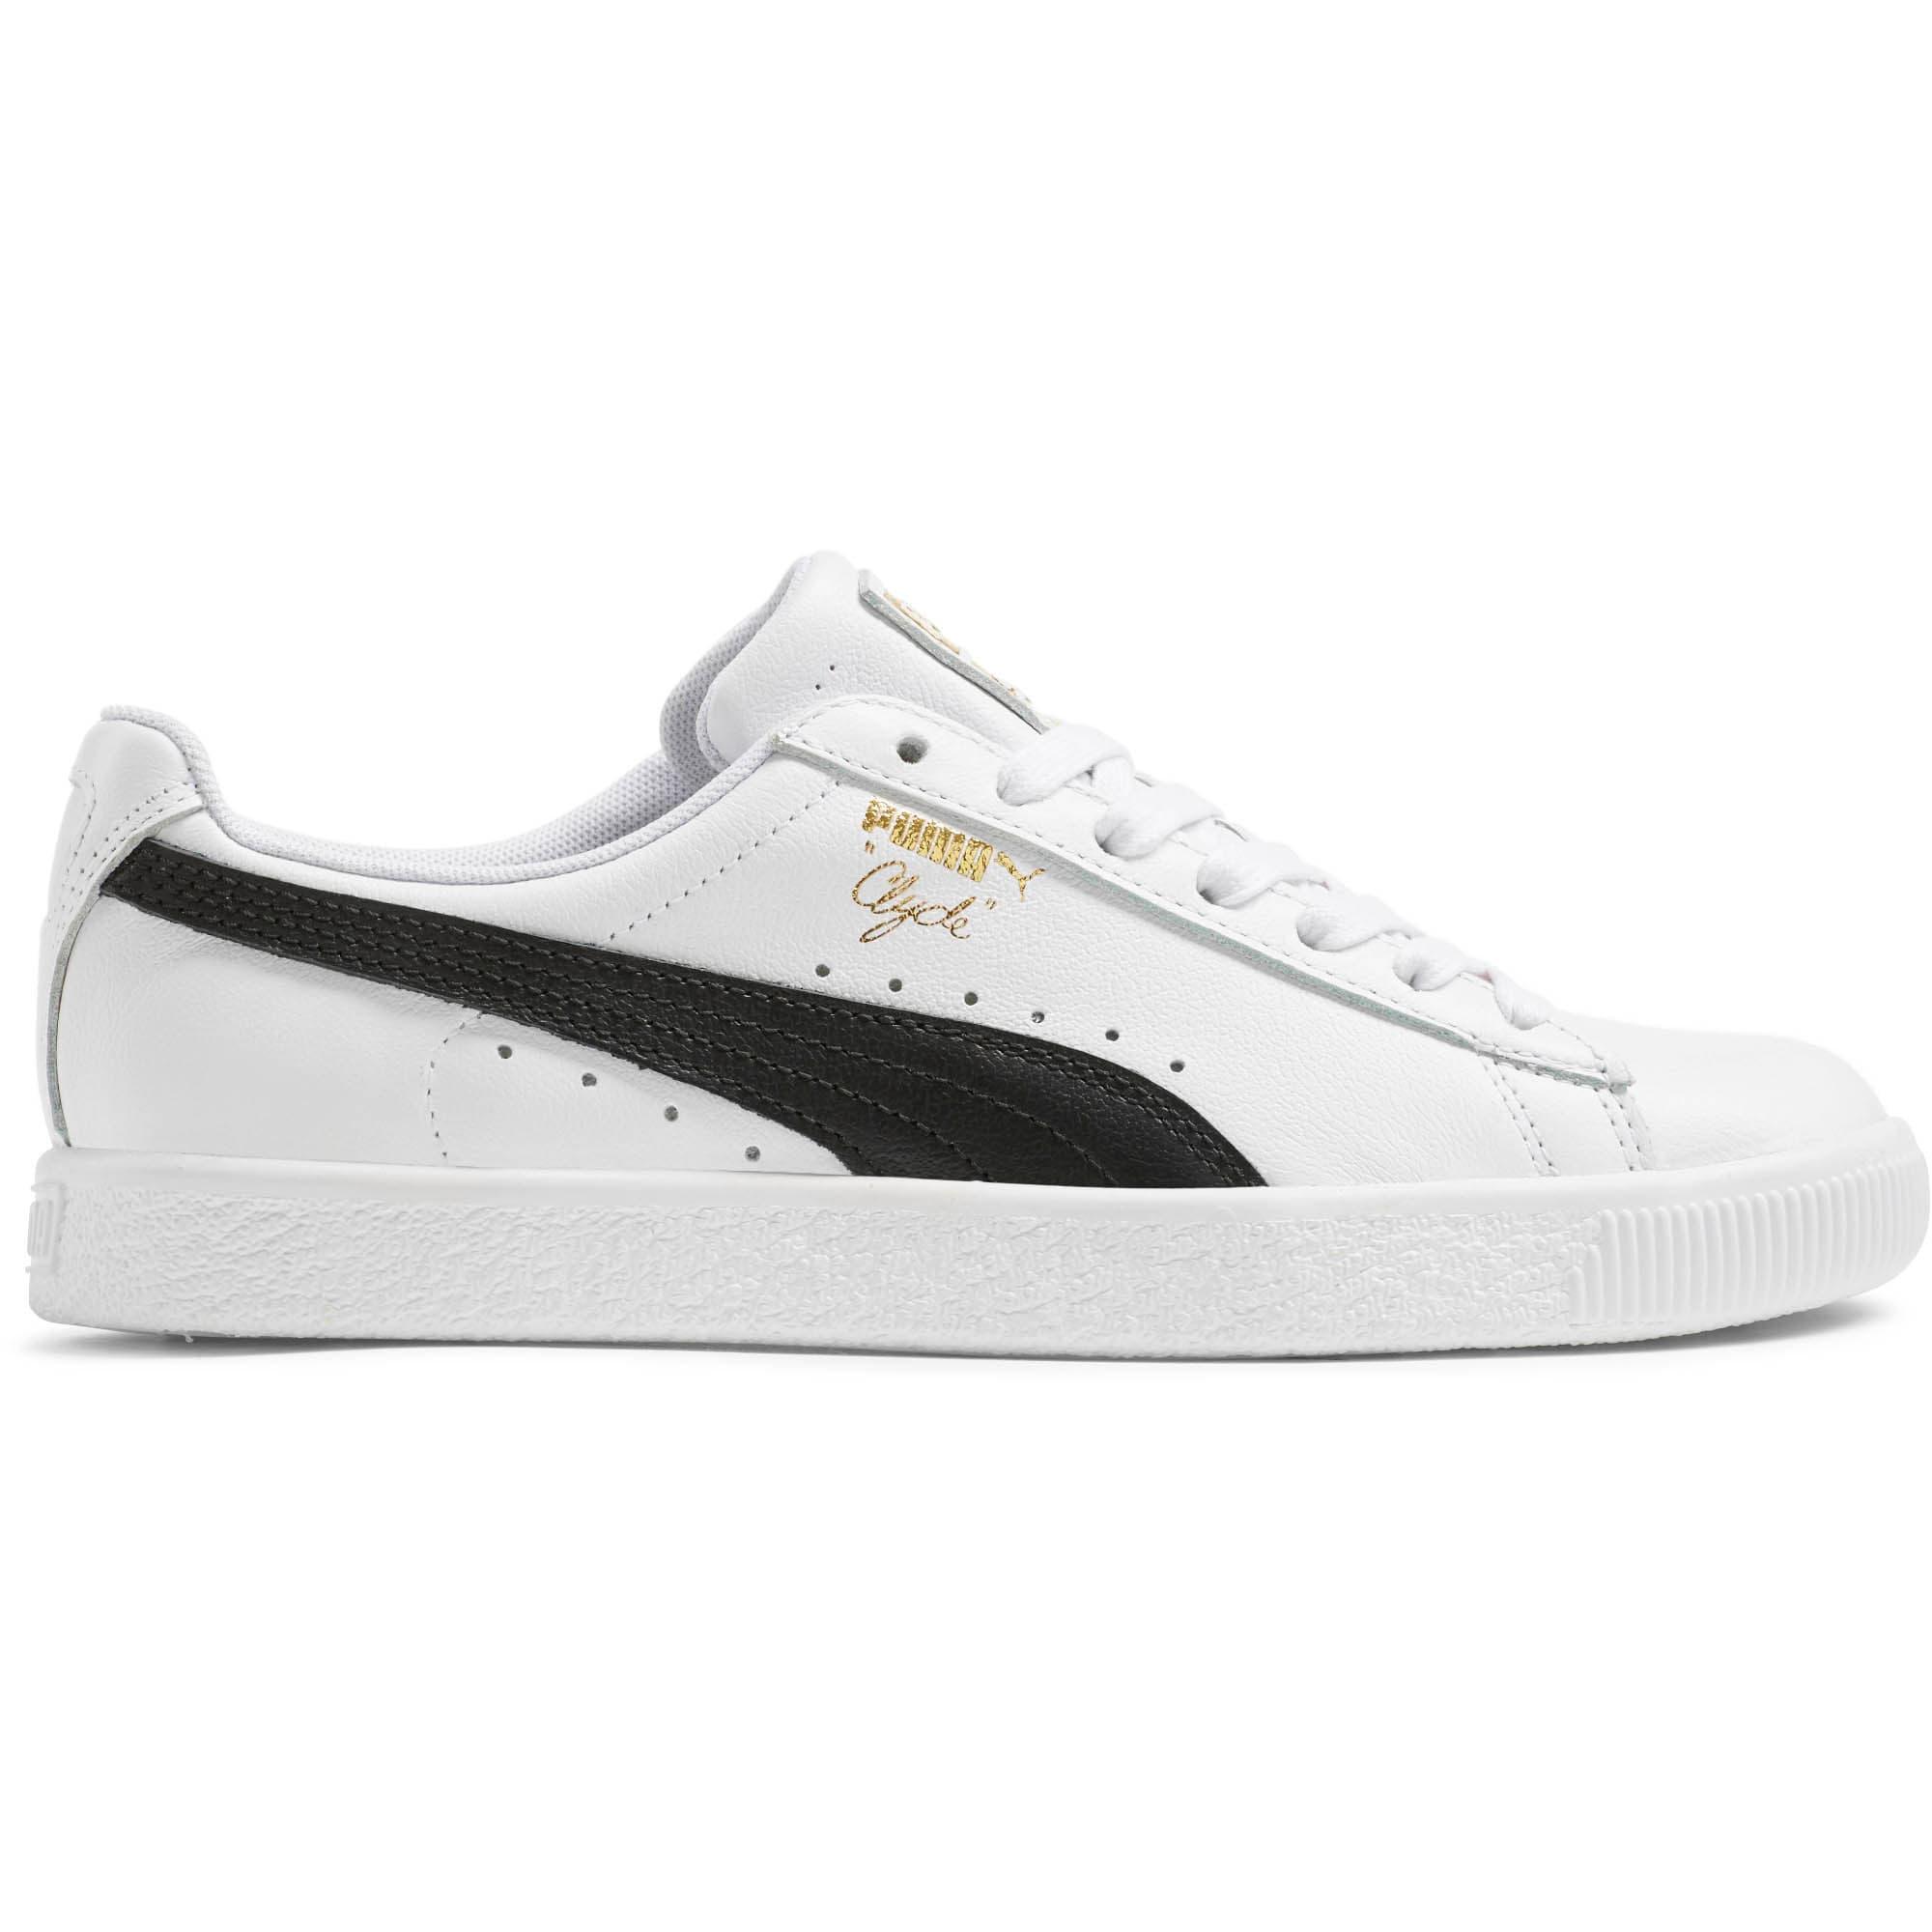 best service 04eb4 d276a Clyde Core Foil Women's Sneakers